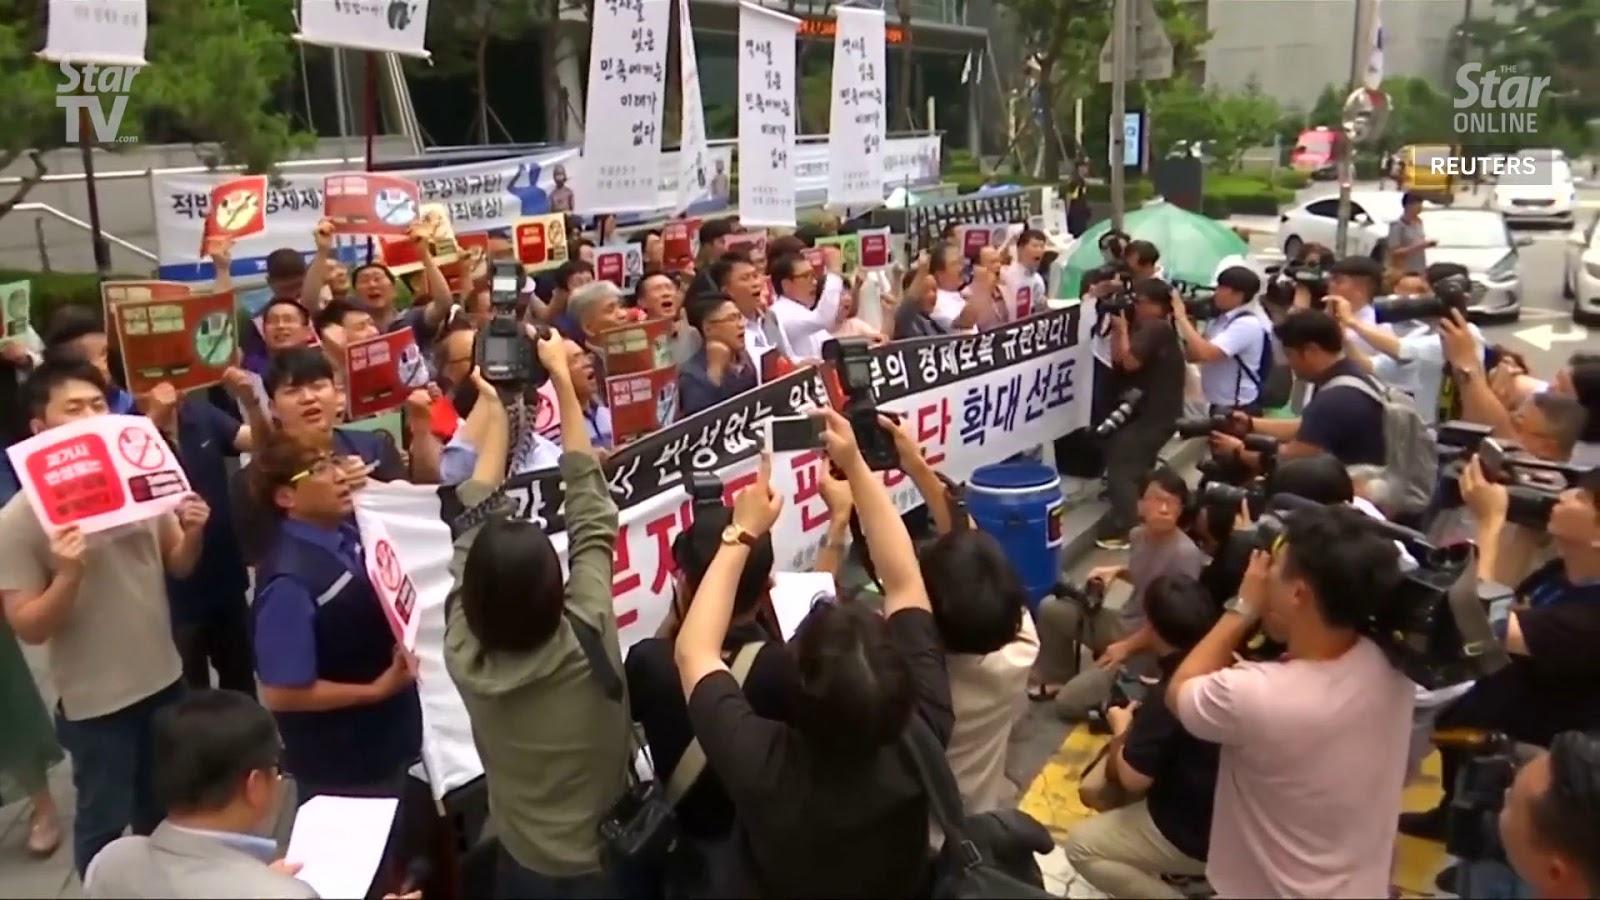 海外の反応 韓国 不買運動 「嫌韓の資金源断つ」「正直バカみたい」日本製品の不買運動に対する韓国10代、20代のホンネ